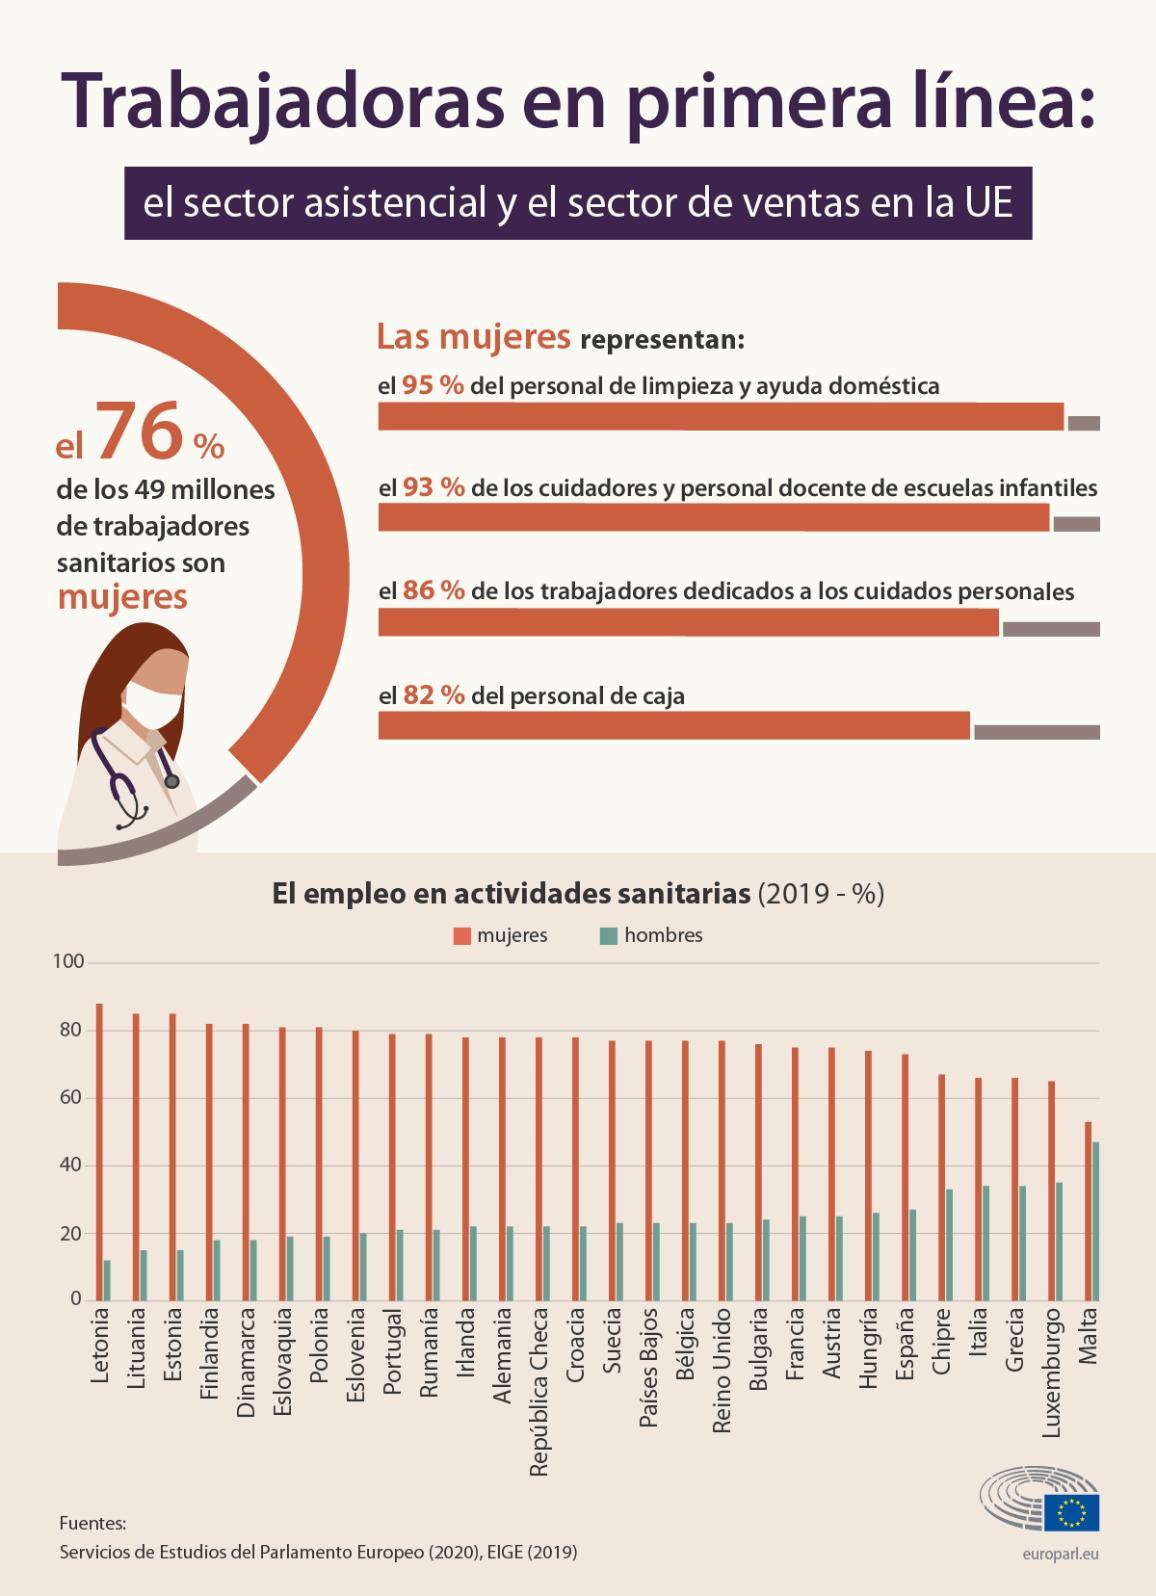 Infografía sobre trabajadores en primera línea